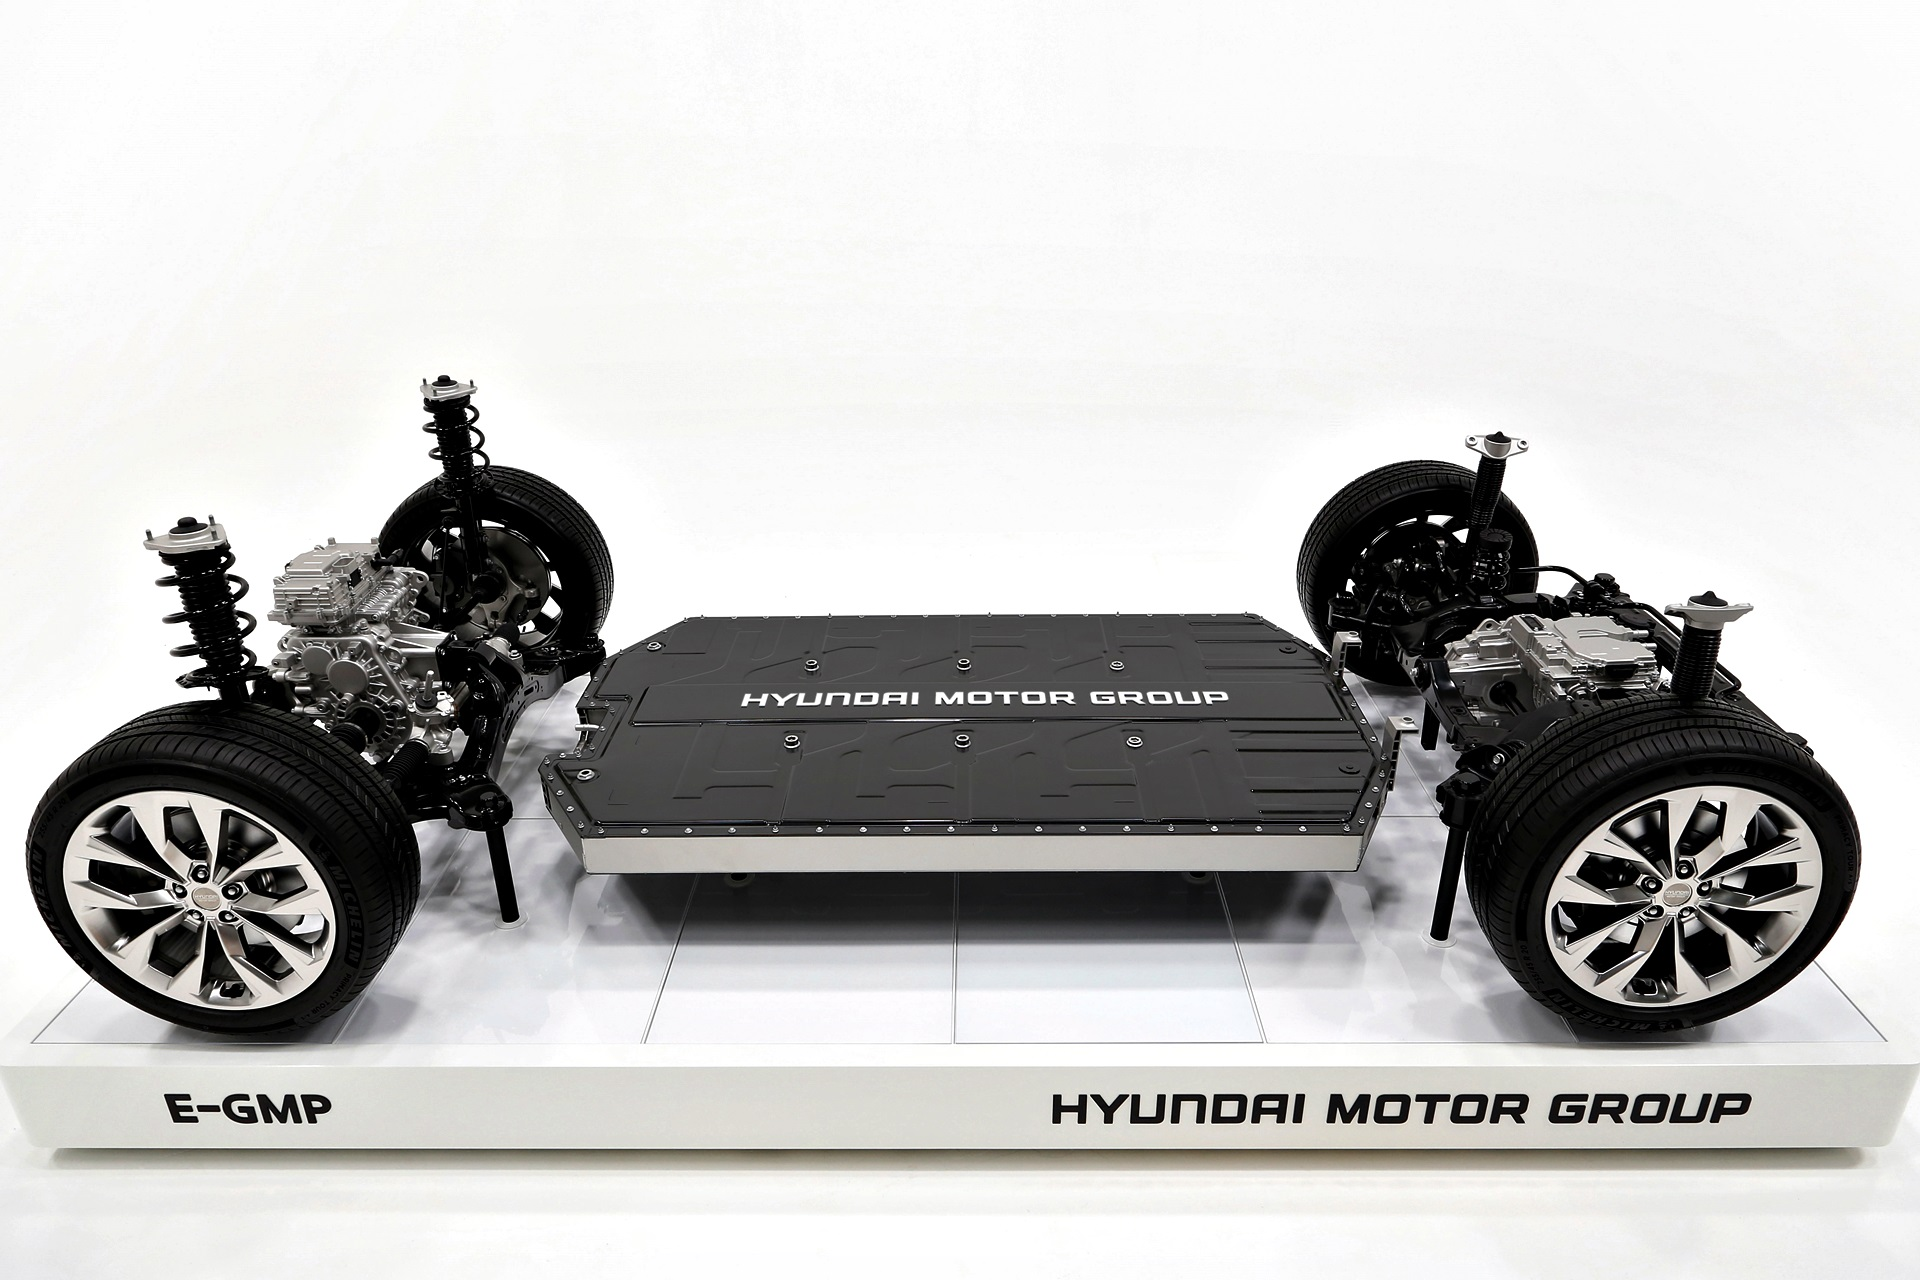 Hyundai Kia Plataforma E Gmp Ev (4)